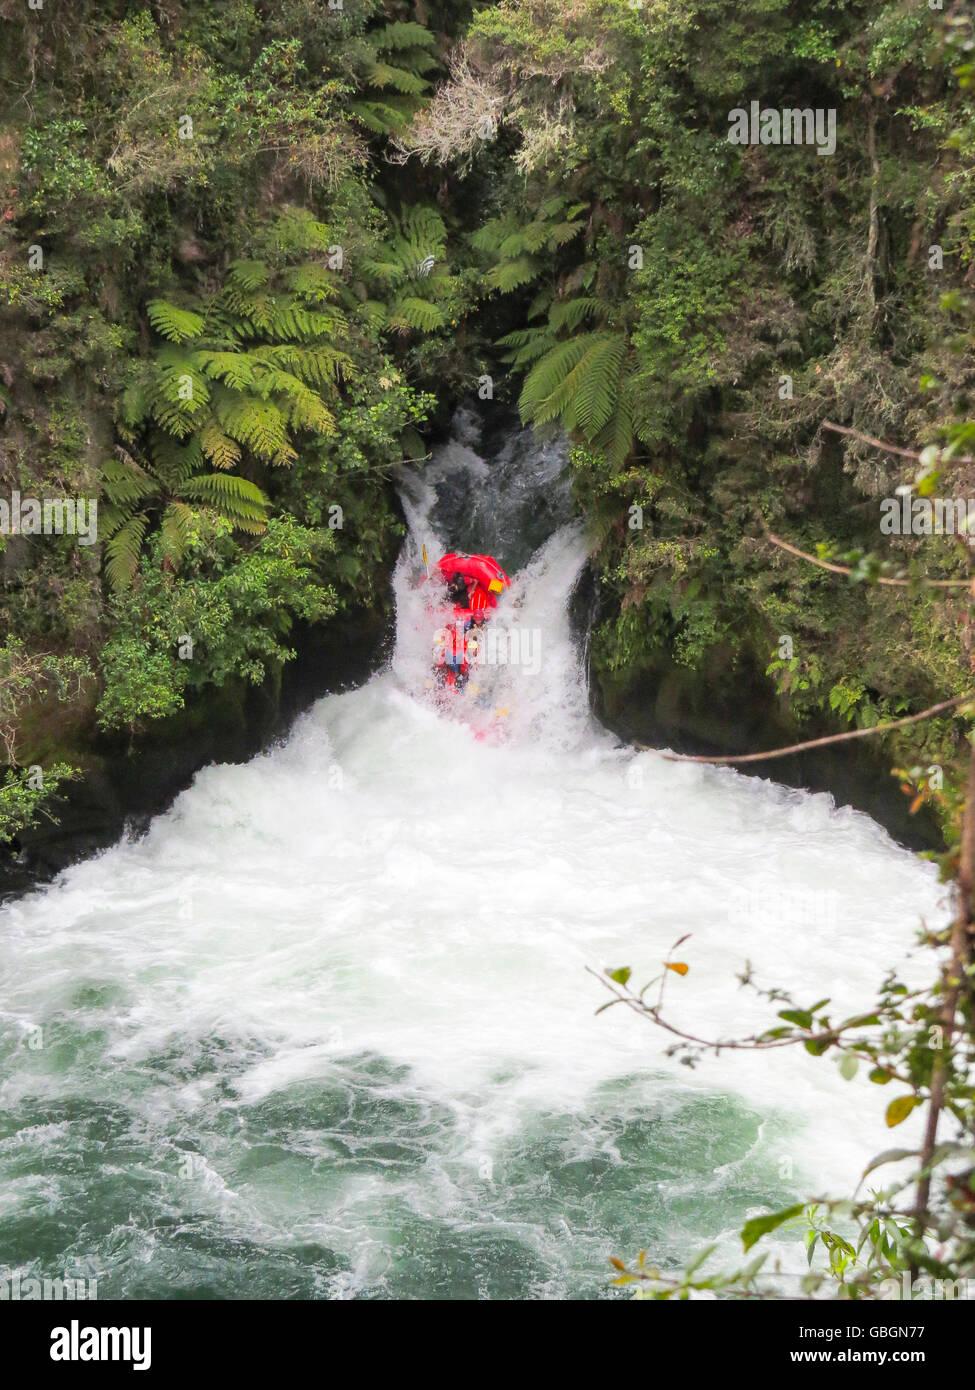 Abenteuer; Wildwasser; wasser; fluss; schlauchboot; boot; rudern; sport; freizeit; urlaub; hobby; wasserfall; wild; - Stock Image